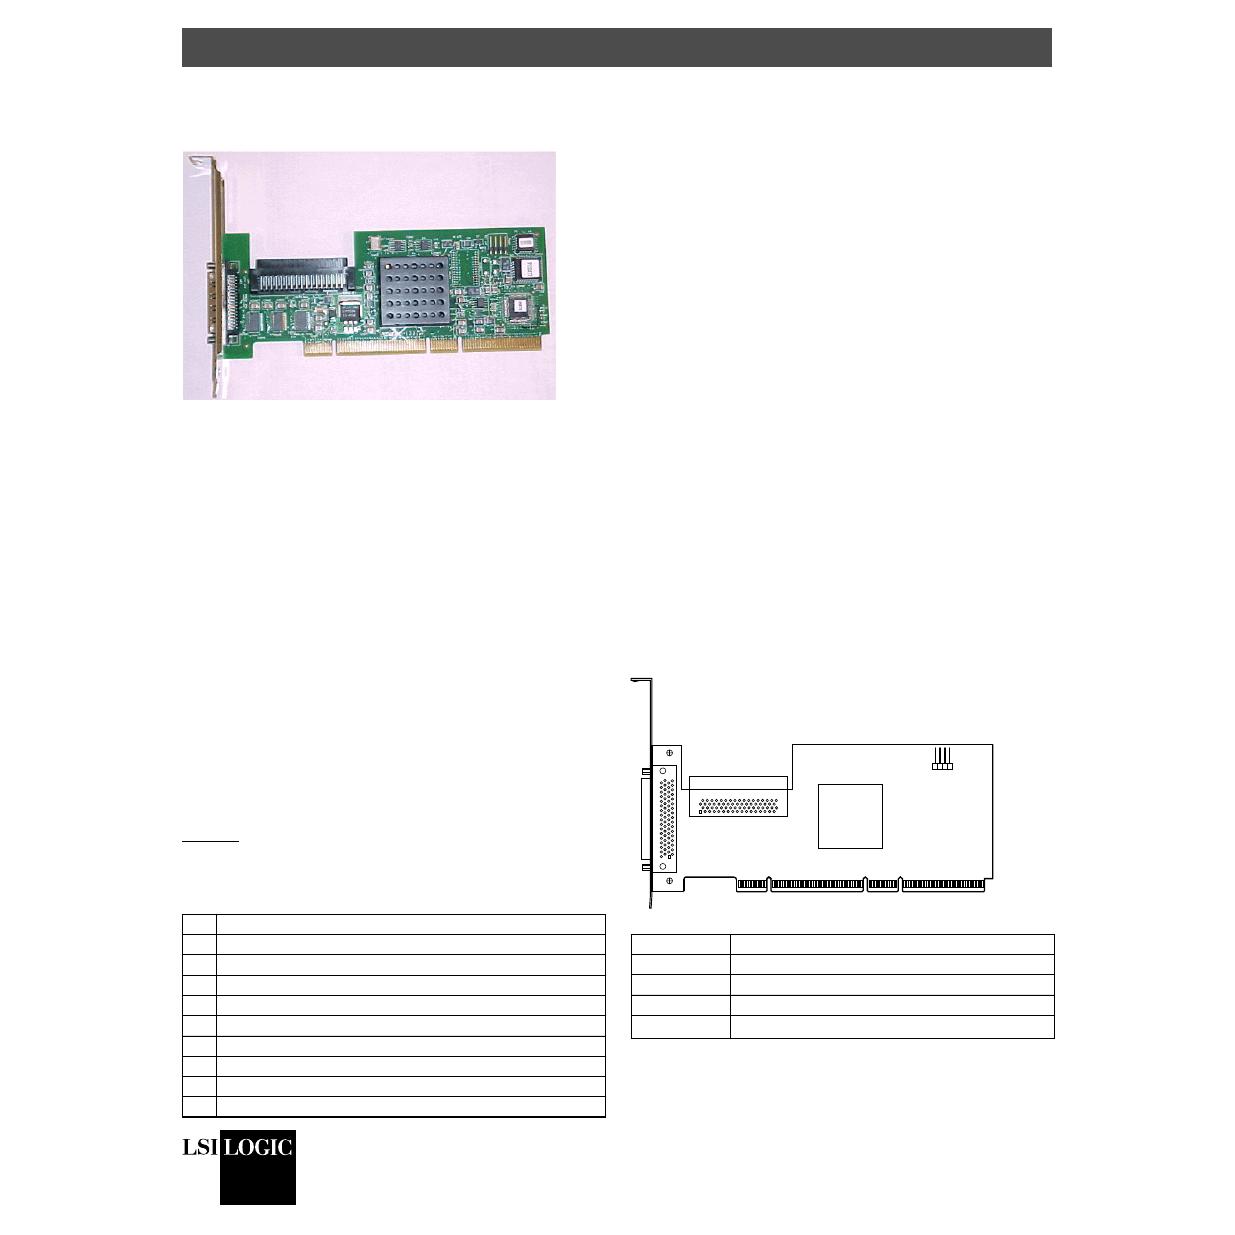 Lsi logic lsi20320-r scsi ultra wide 4 u320 raid controller pci-x.